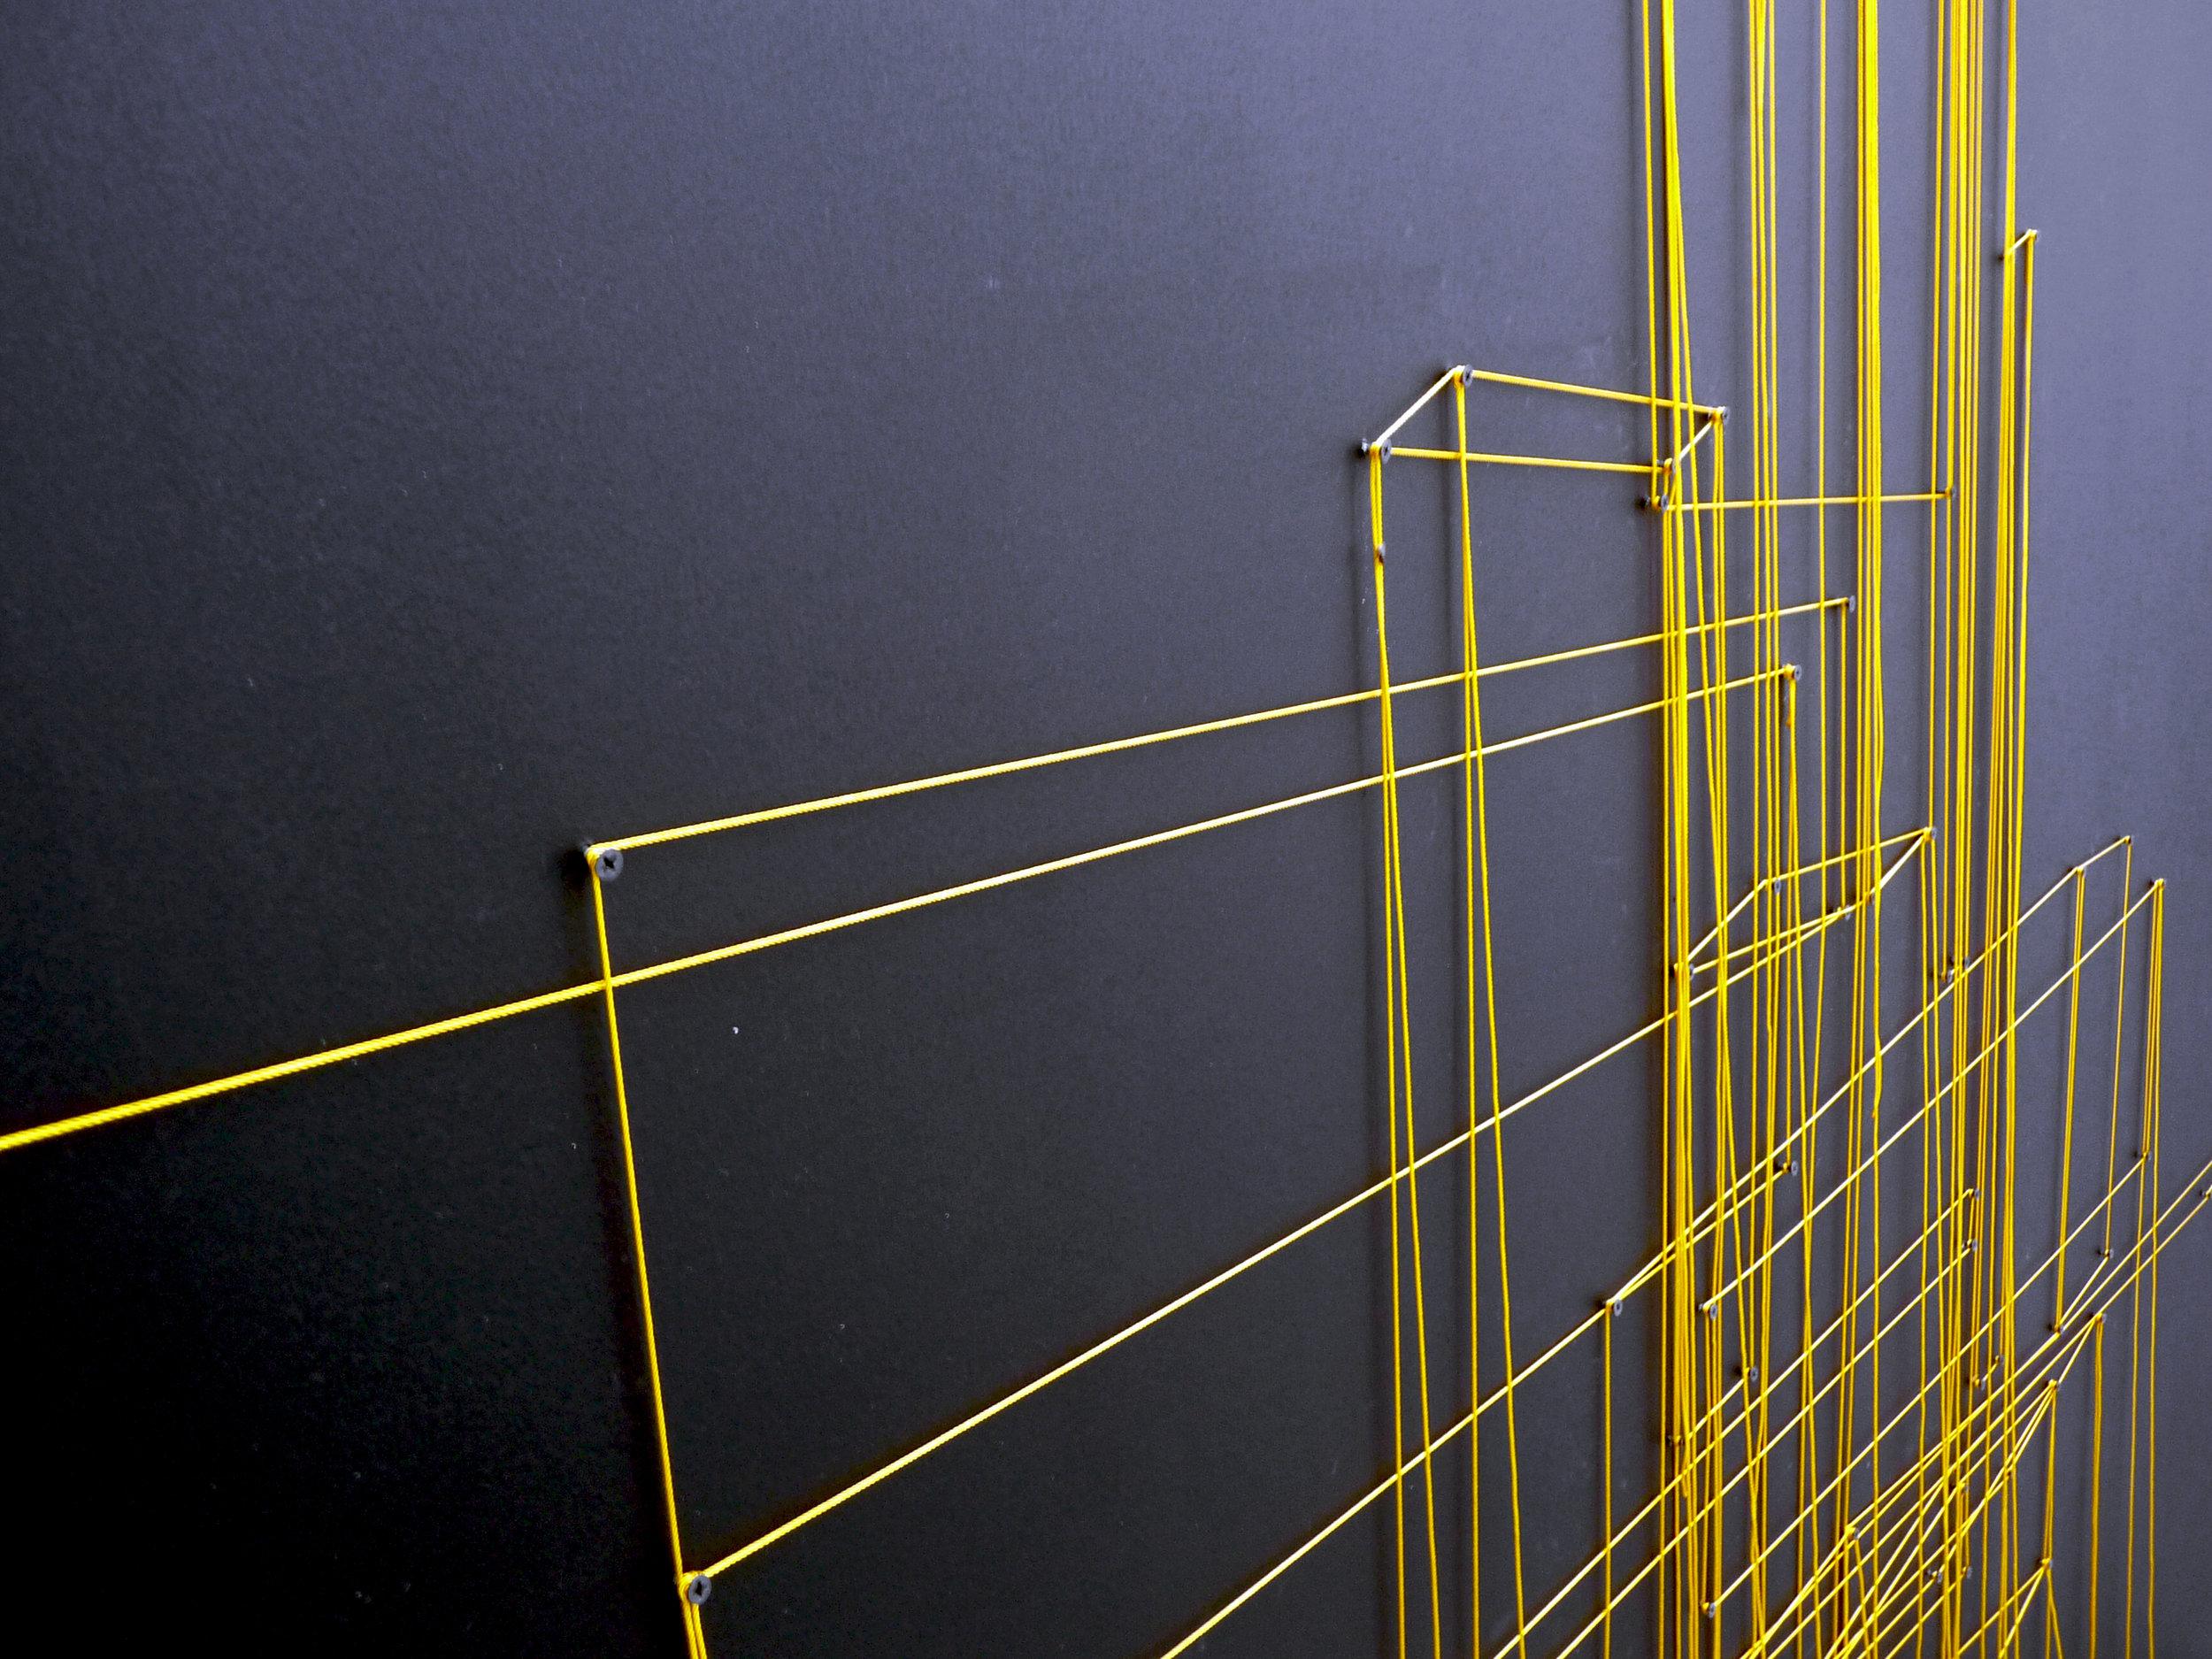 037_Q+O_Through the Structure.JPG